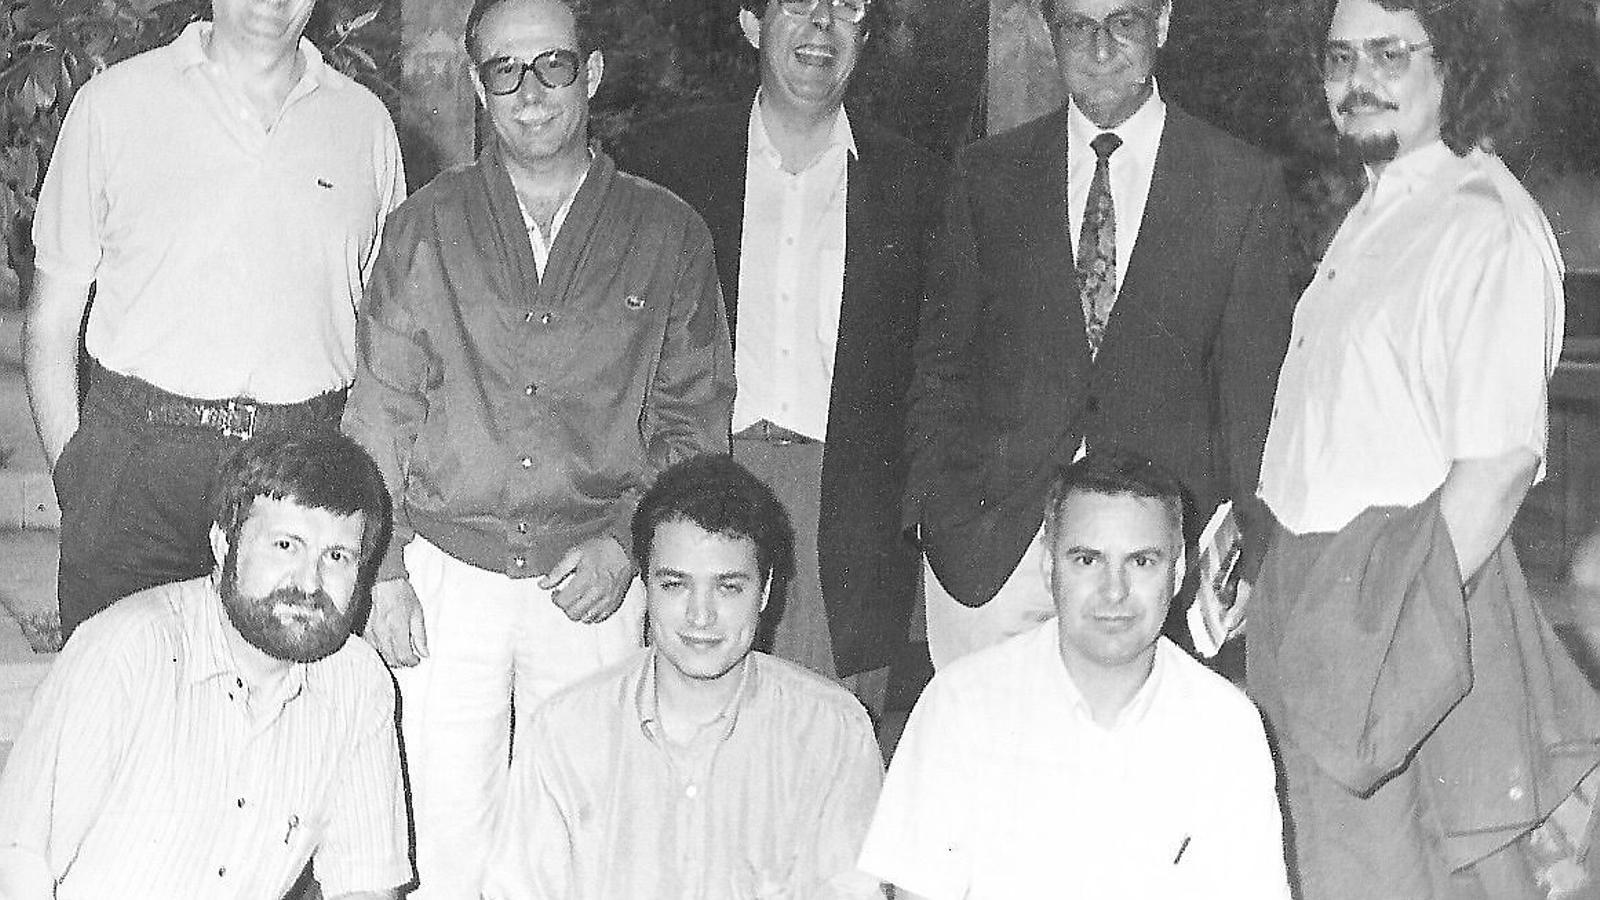 SEMPRE BEN ENVOLTAT Imatges de distints moments de la vida del poeta, amb amics  i escriptors, com ara Blai Bonet  (assegut amb Riera baix aquestes línies).